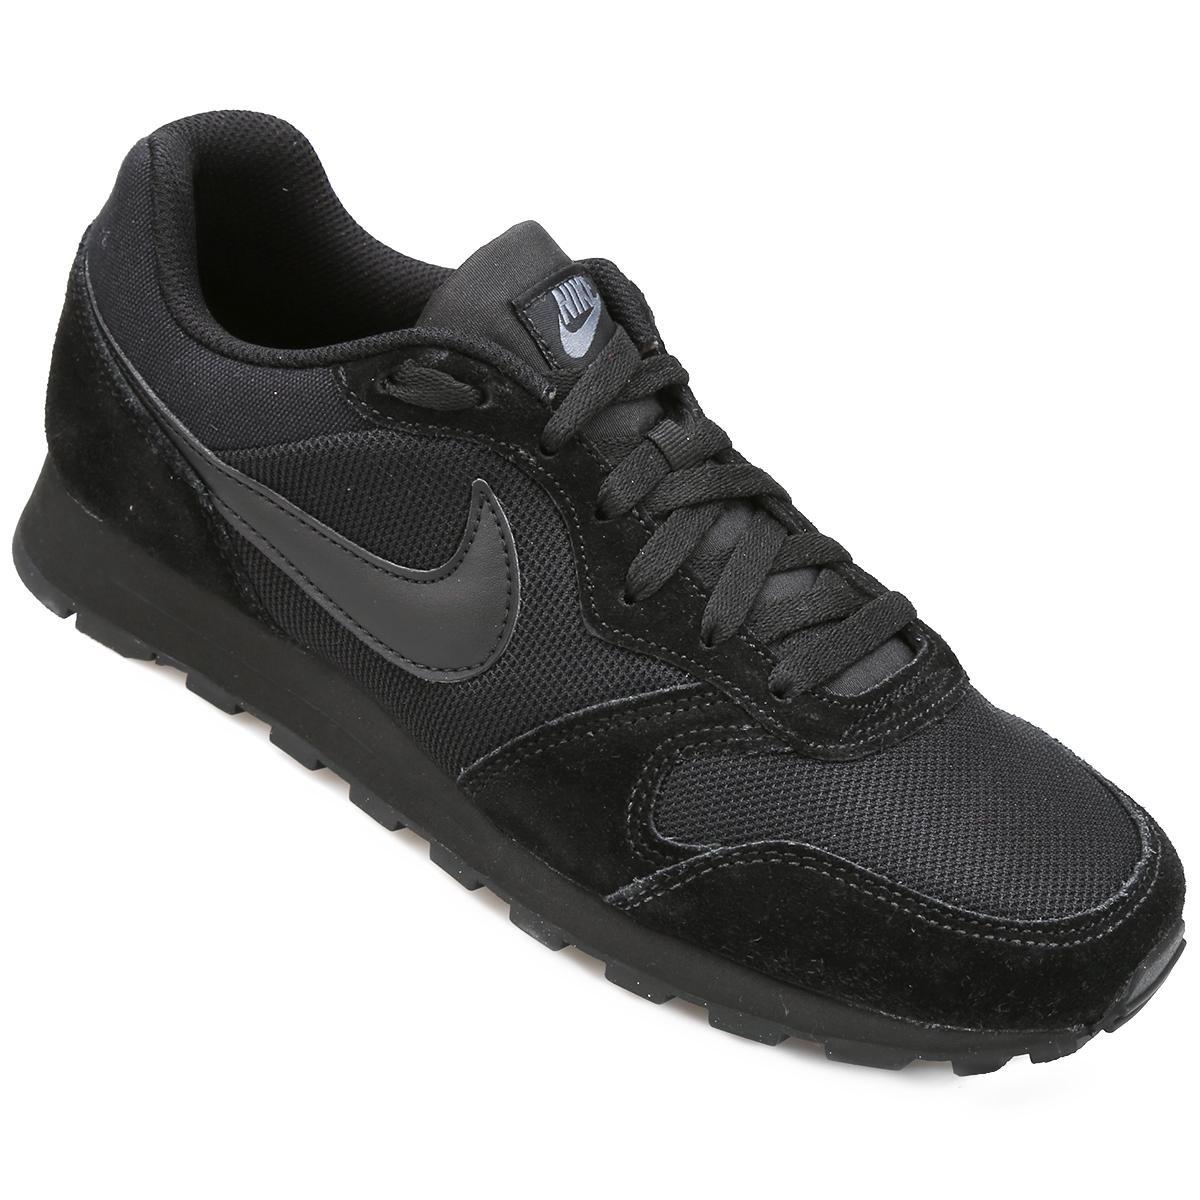 Tênis Nike Md Runner 2 Masculino - Preto e Chumbo - Compre Agora ... 30249da6c191e